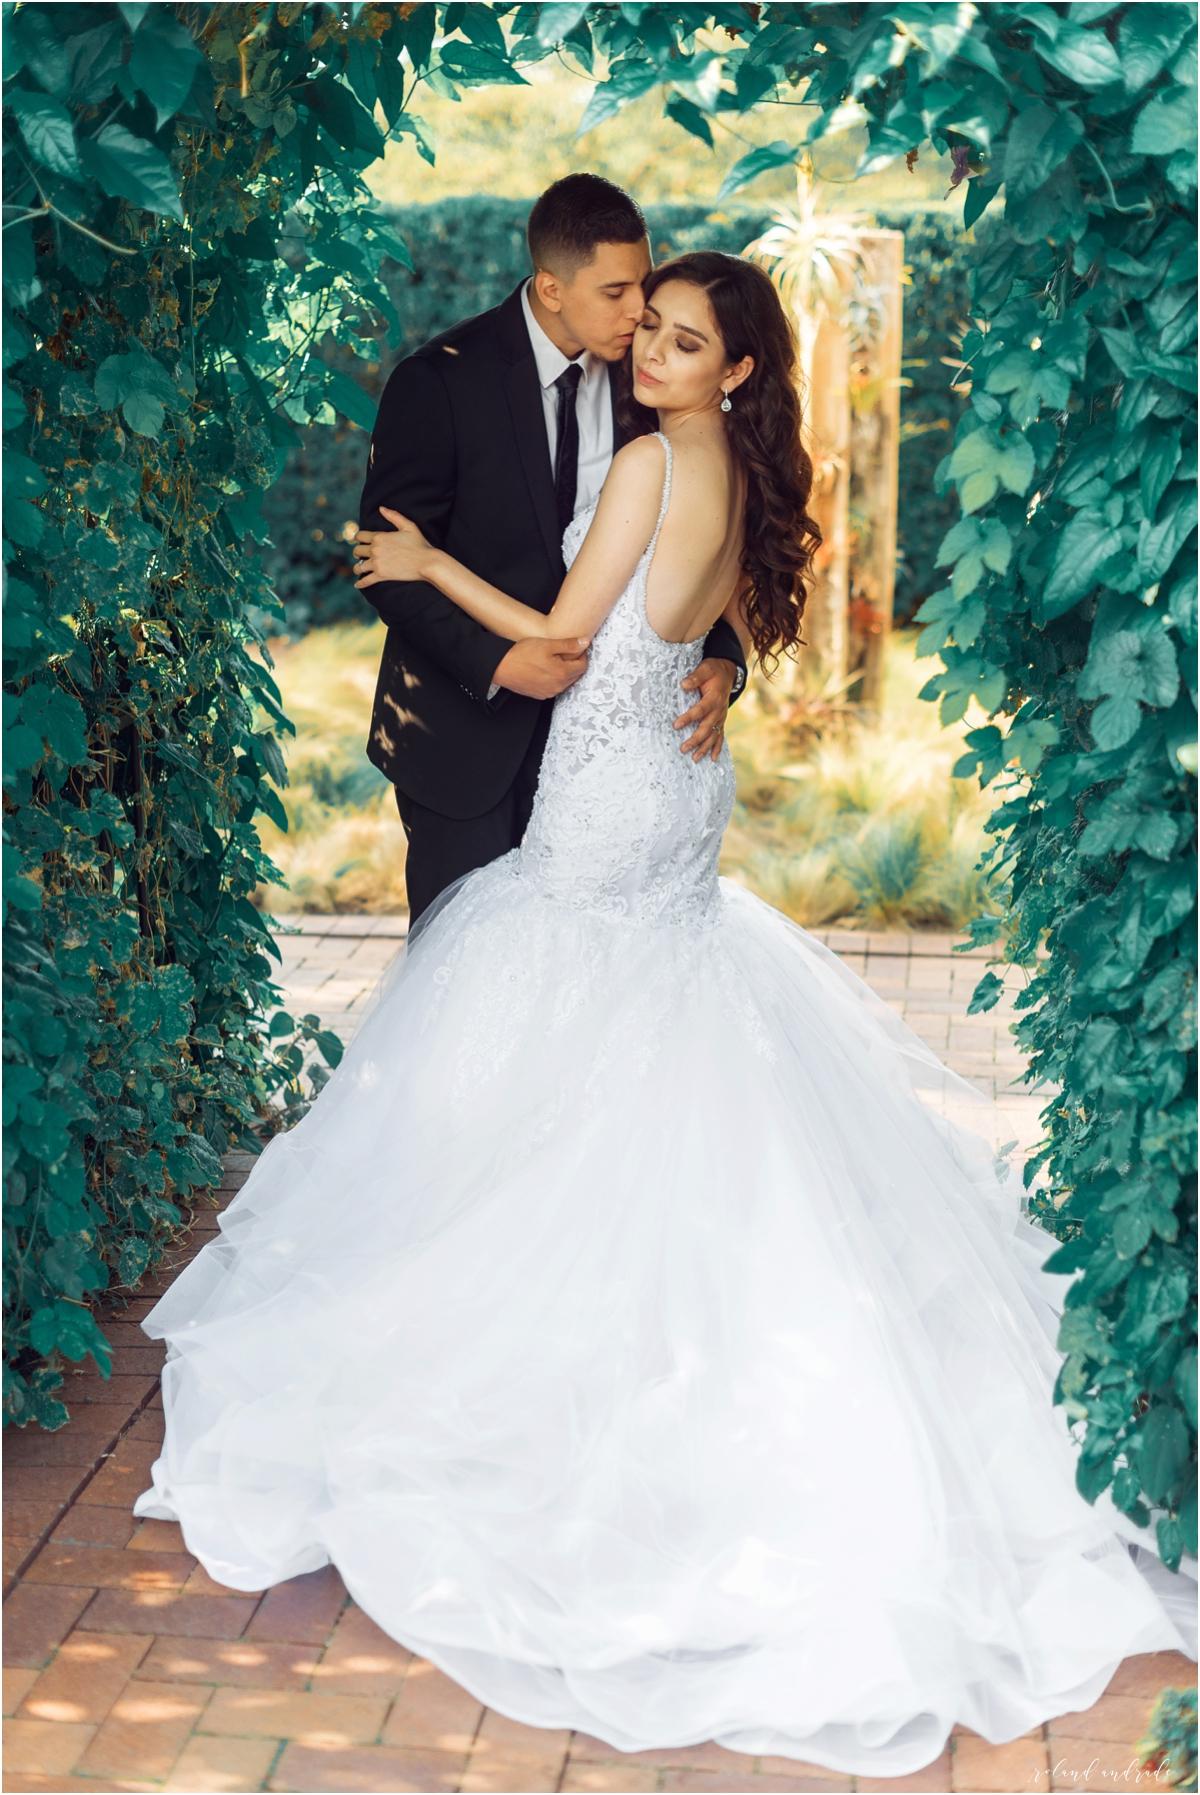 Mayra + Julian Chicago Botanic Garden Bridal Photography Chicago Wedding Photography Photographer20.jpg